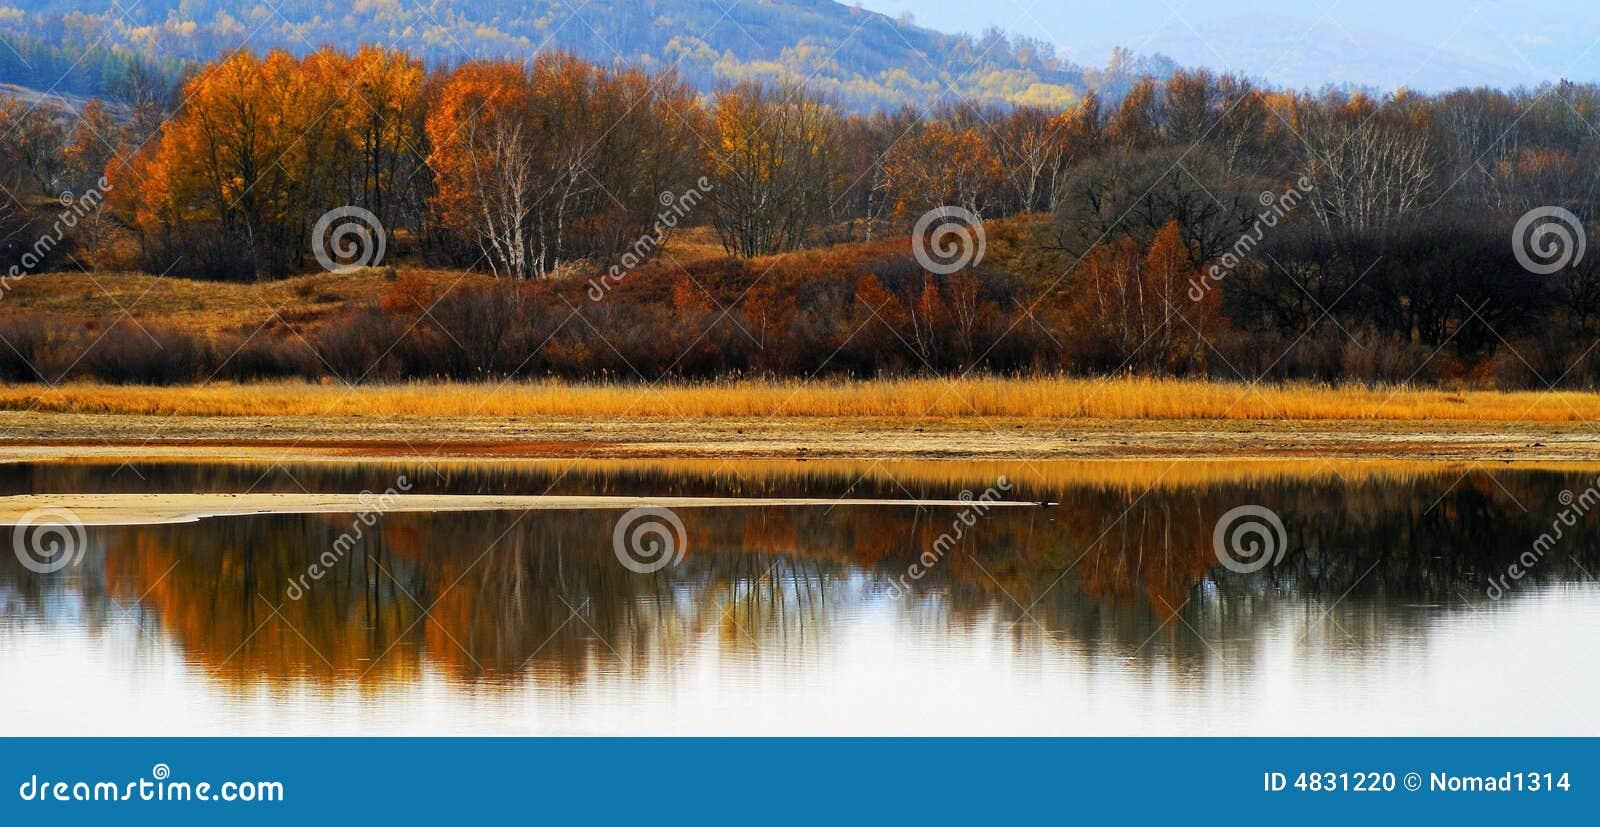 Pärlemorfärg flod